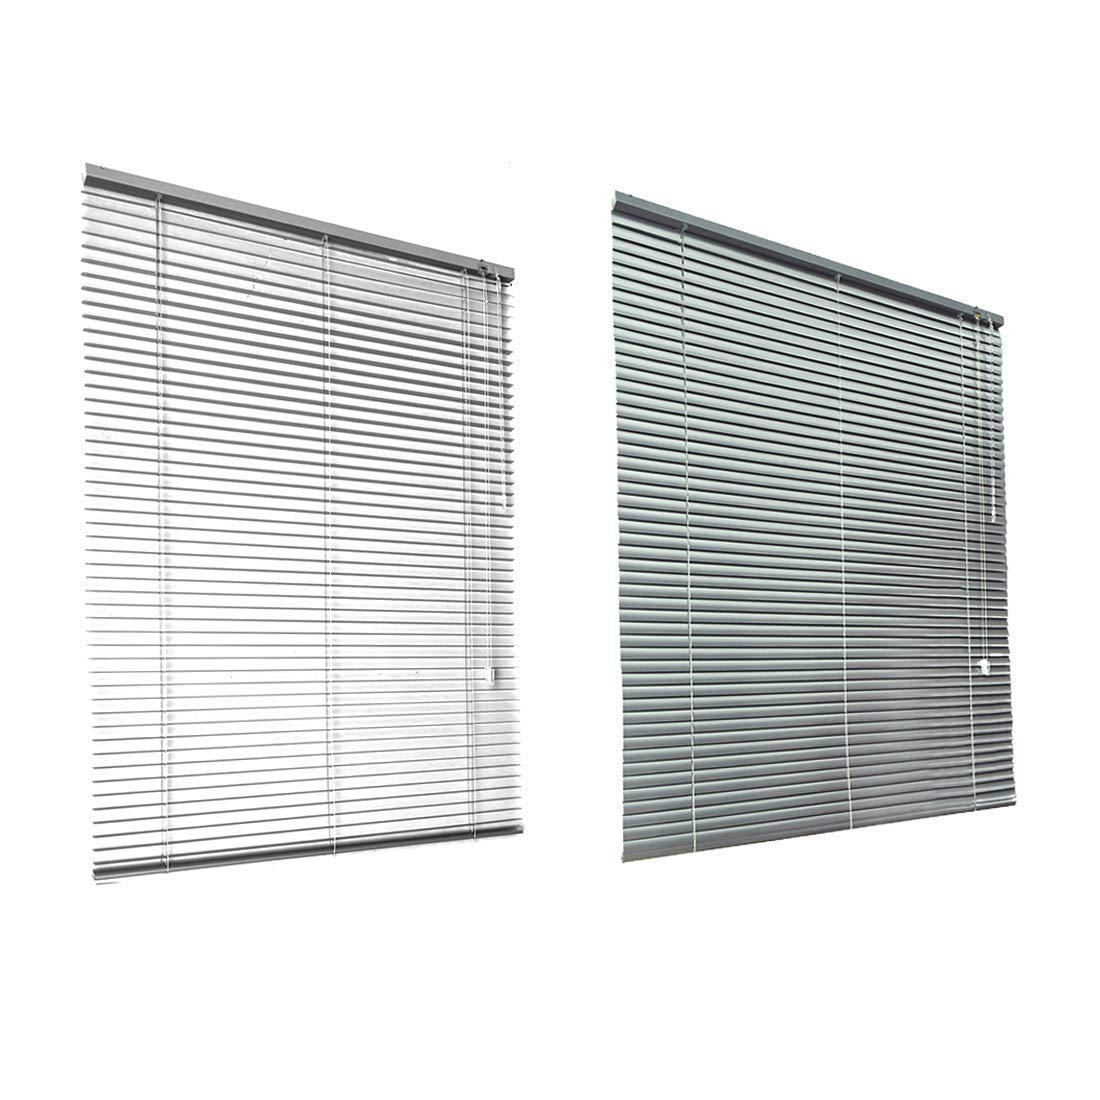 50x130cm Blanco HSYLYM Persianas venecianas de Aluminio